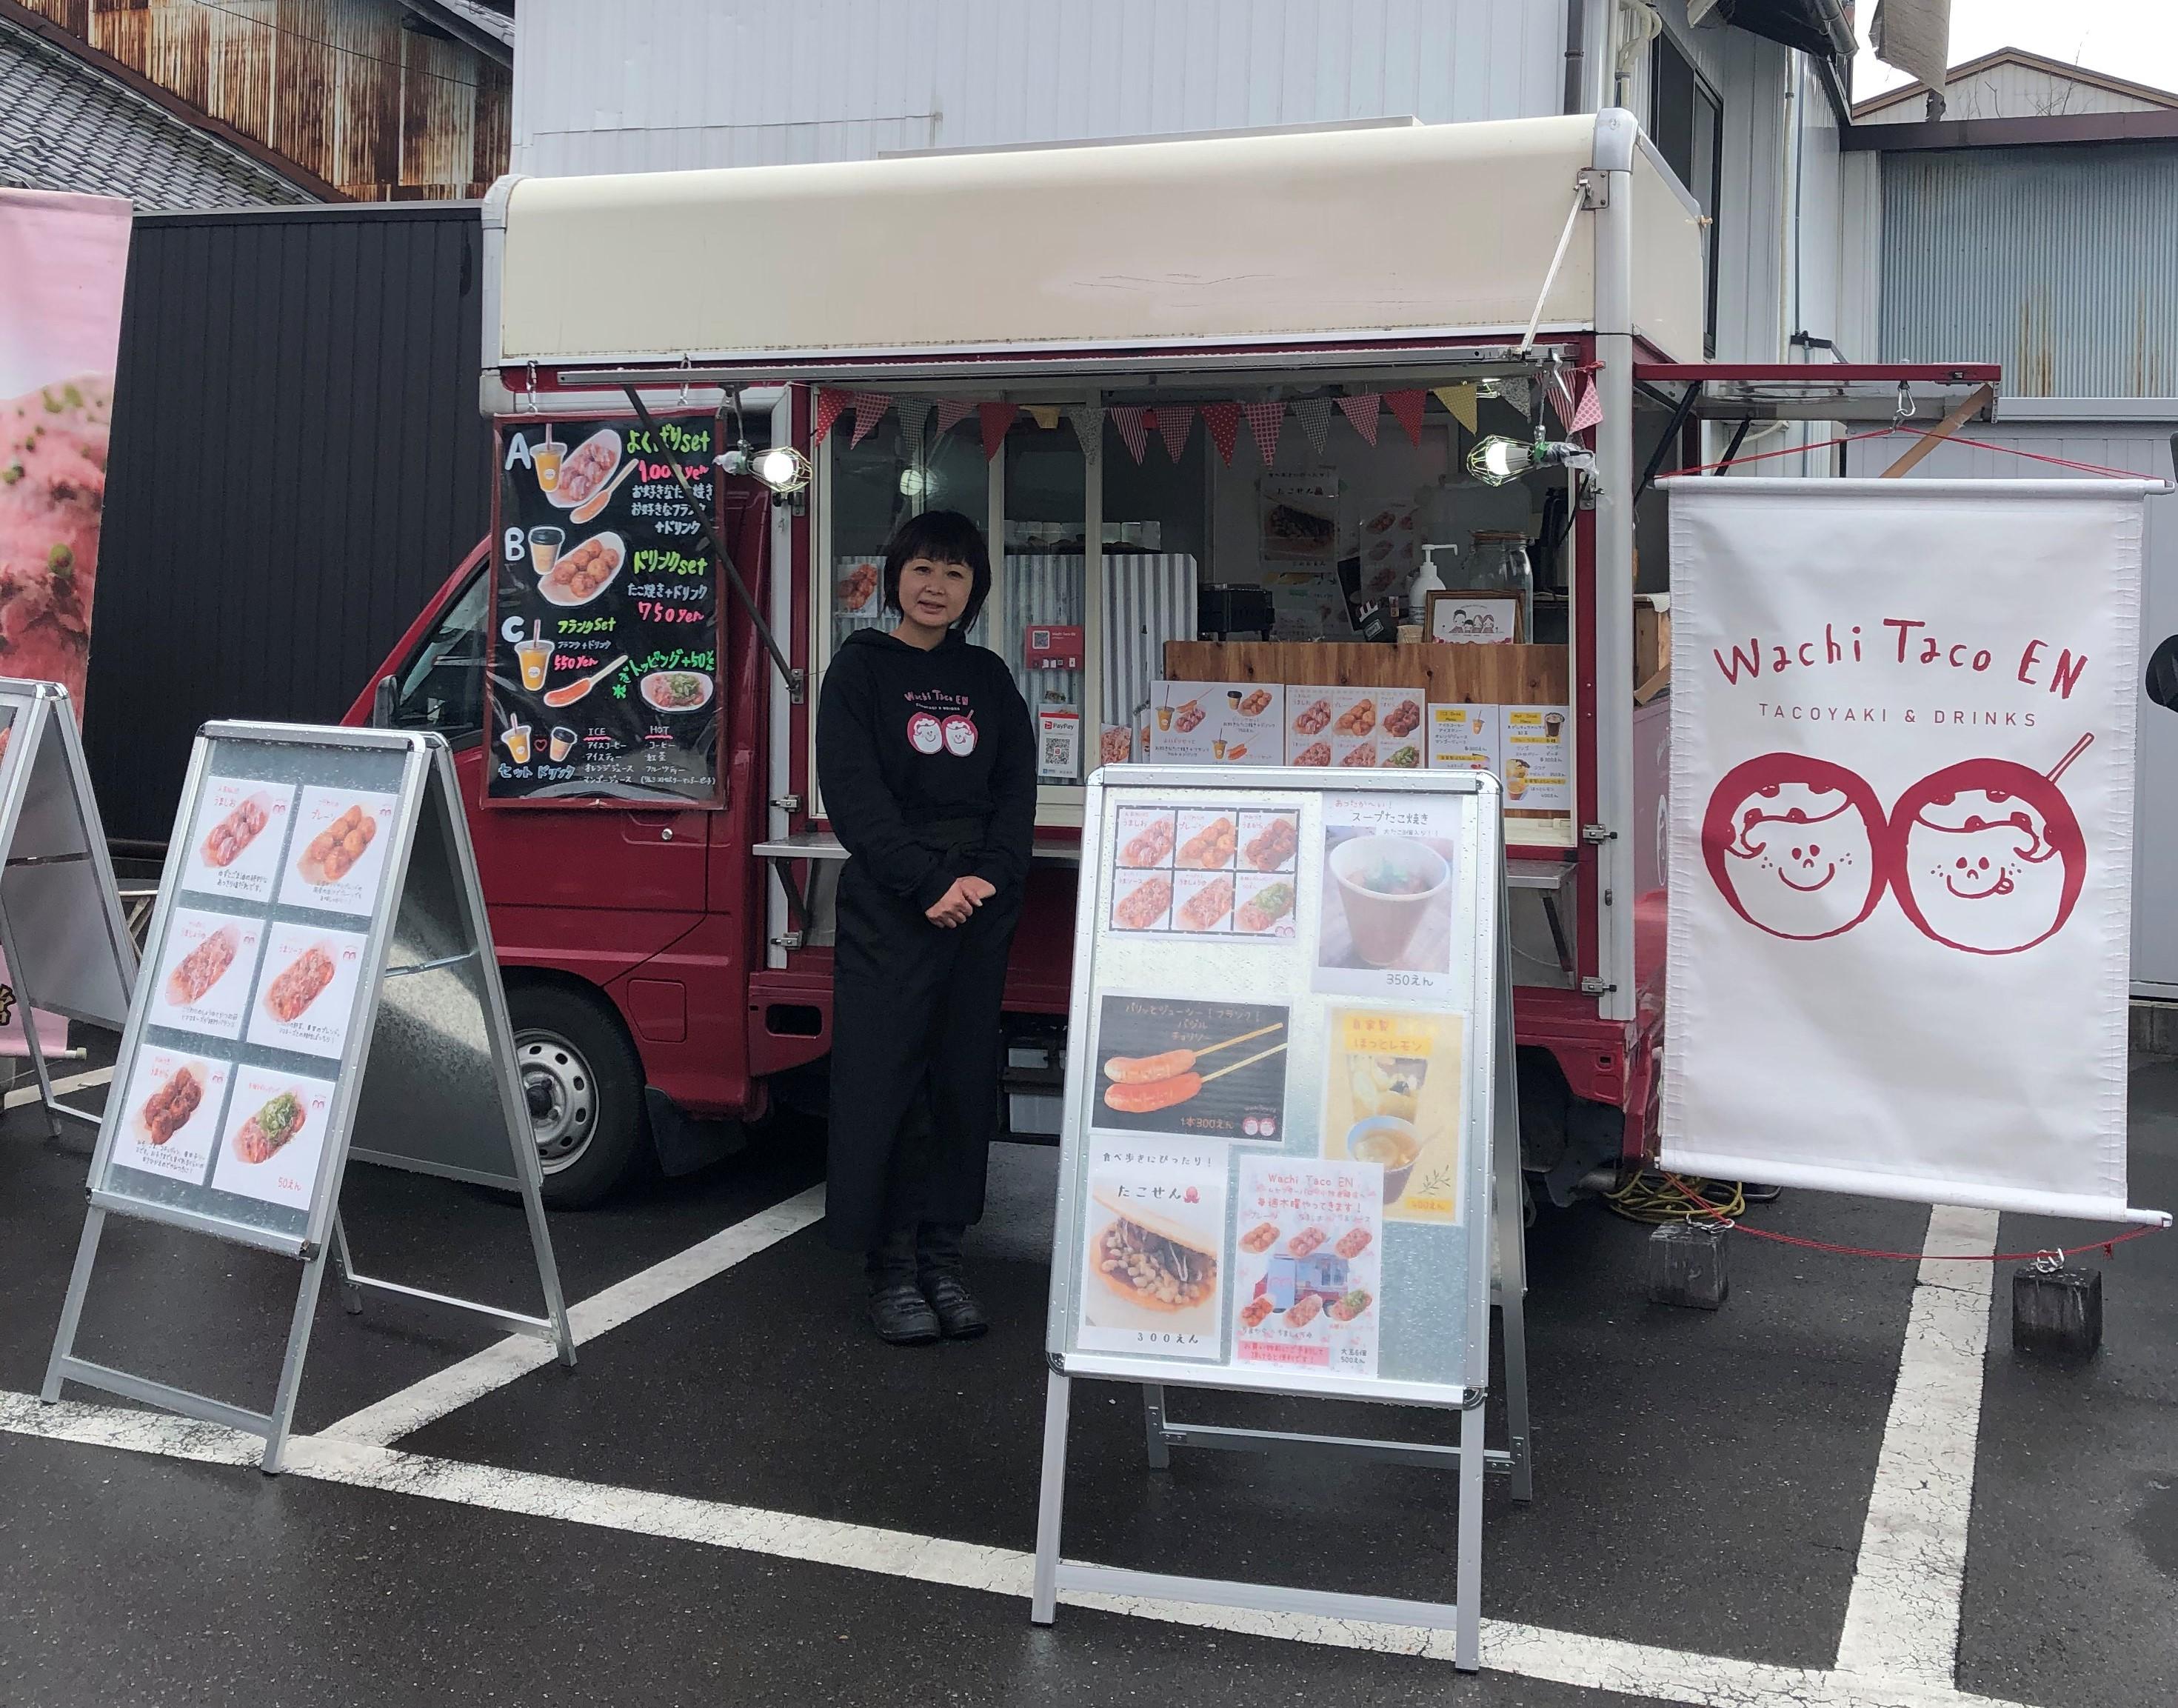 Wachi Taco EN(ワチタコエン),キッチンカー,フードトラック,出店,愛知,岐阜,たこ焼き